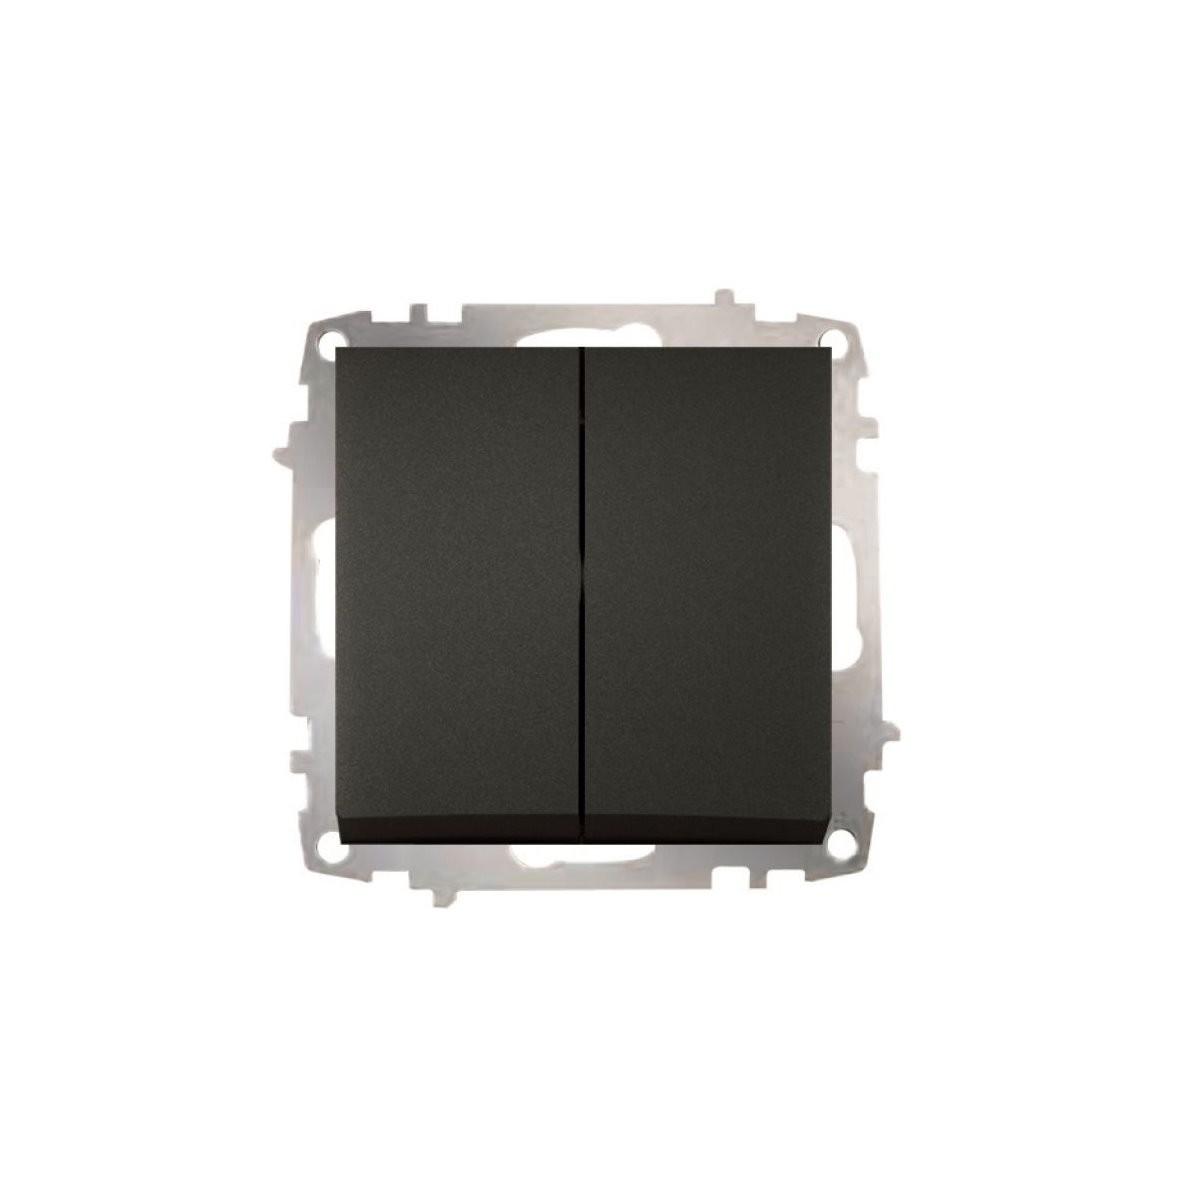 Изображение ZENA модуль черный Выключат проходной 2 кл